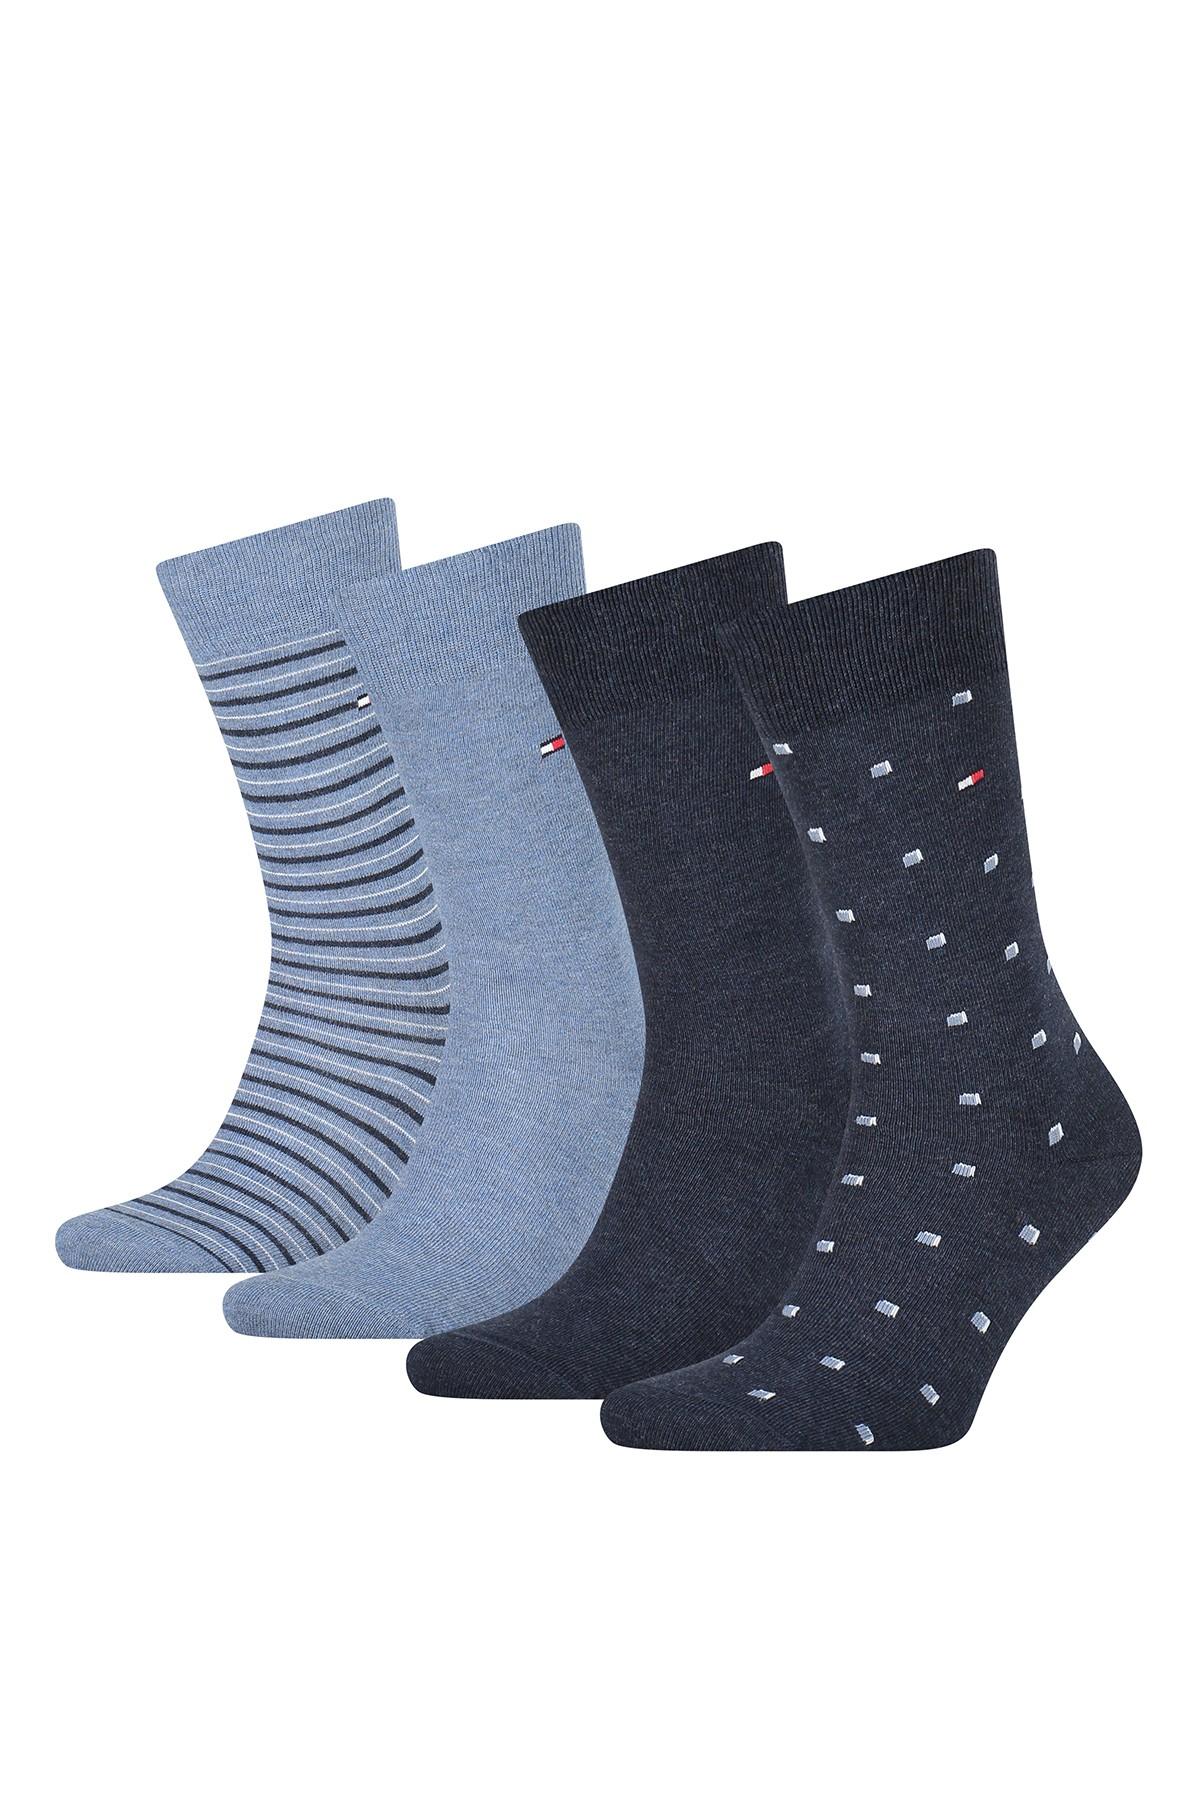 Sokid kinkekarbis 100002214-full-1